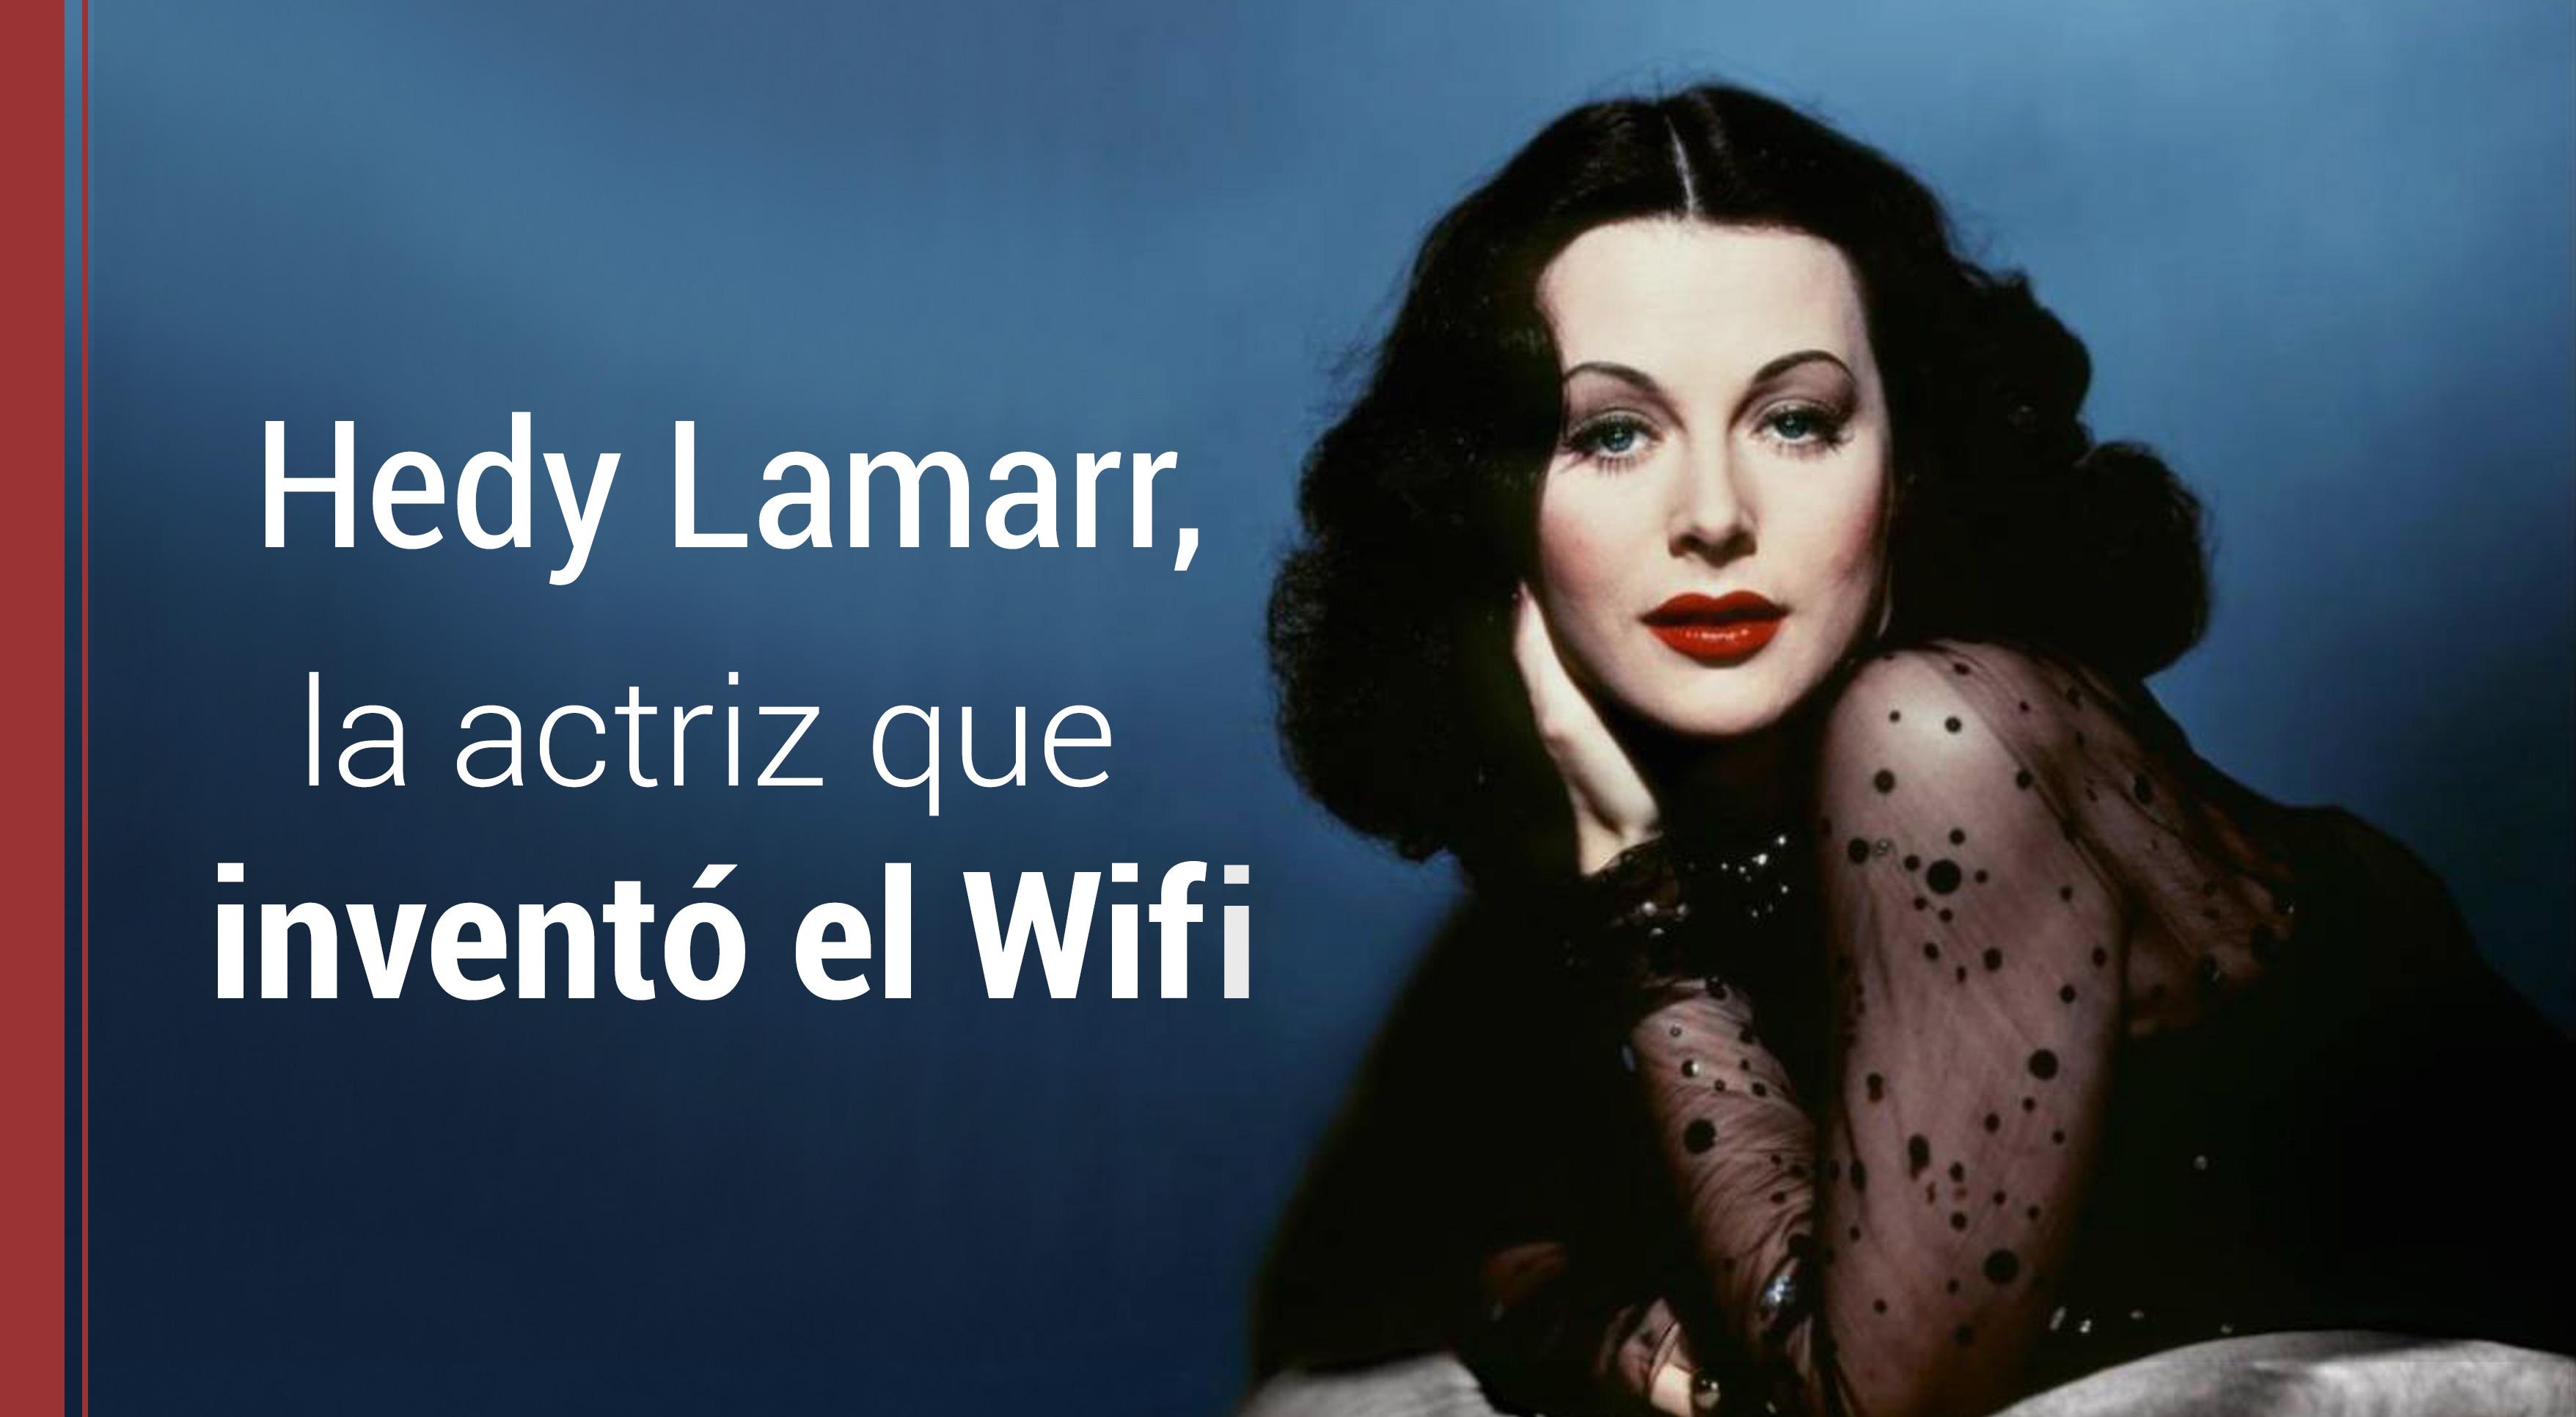 hedy-lamarr-actriz-invento-wifi ¿Quién inventó el WIFI y el Bluetooth? Contribuciones de la actriz Hedy Lamarr